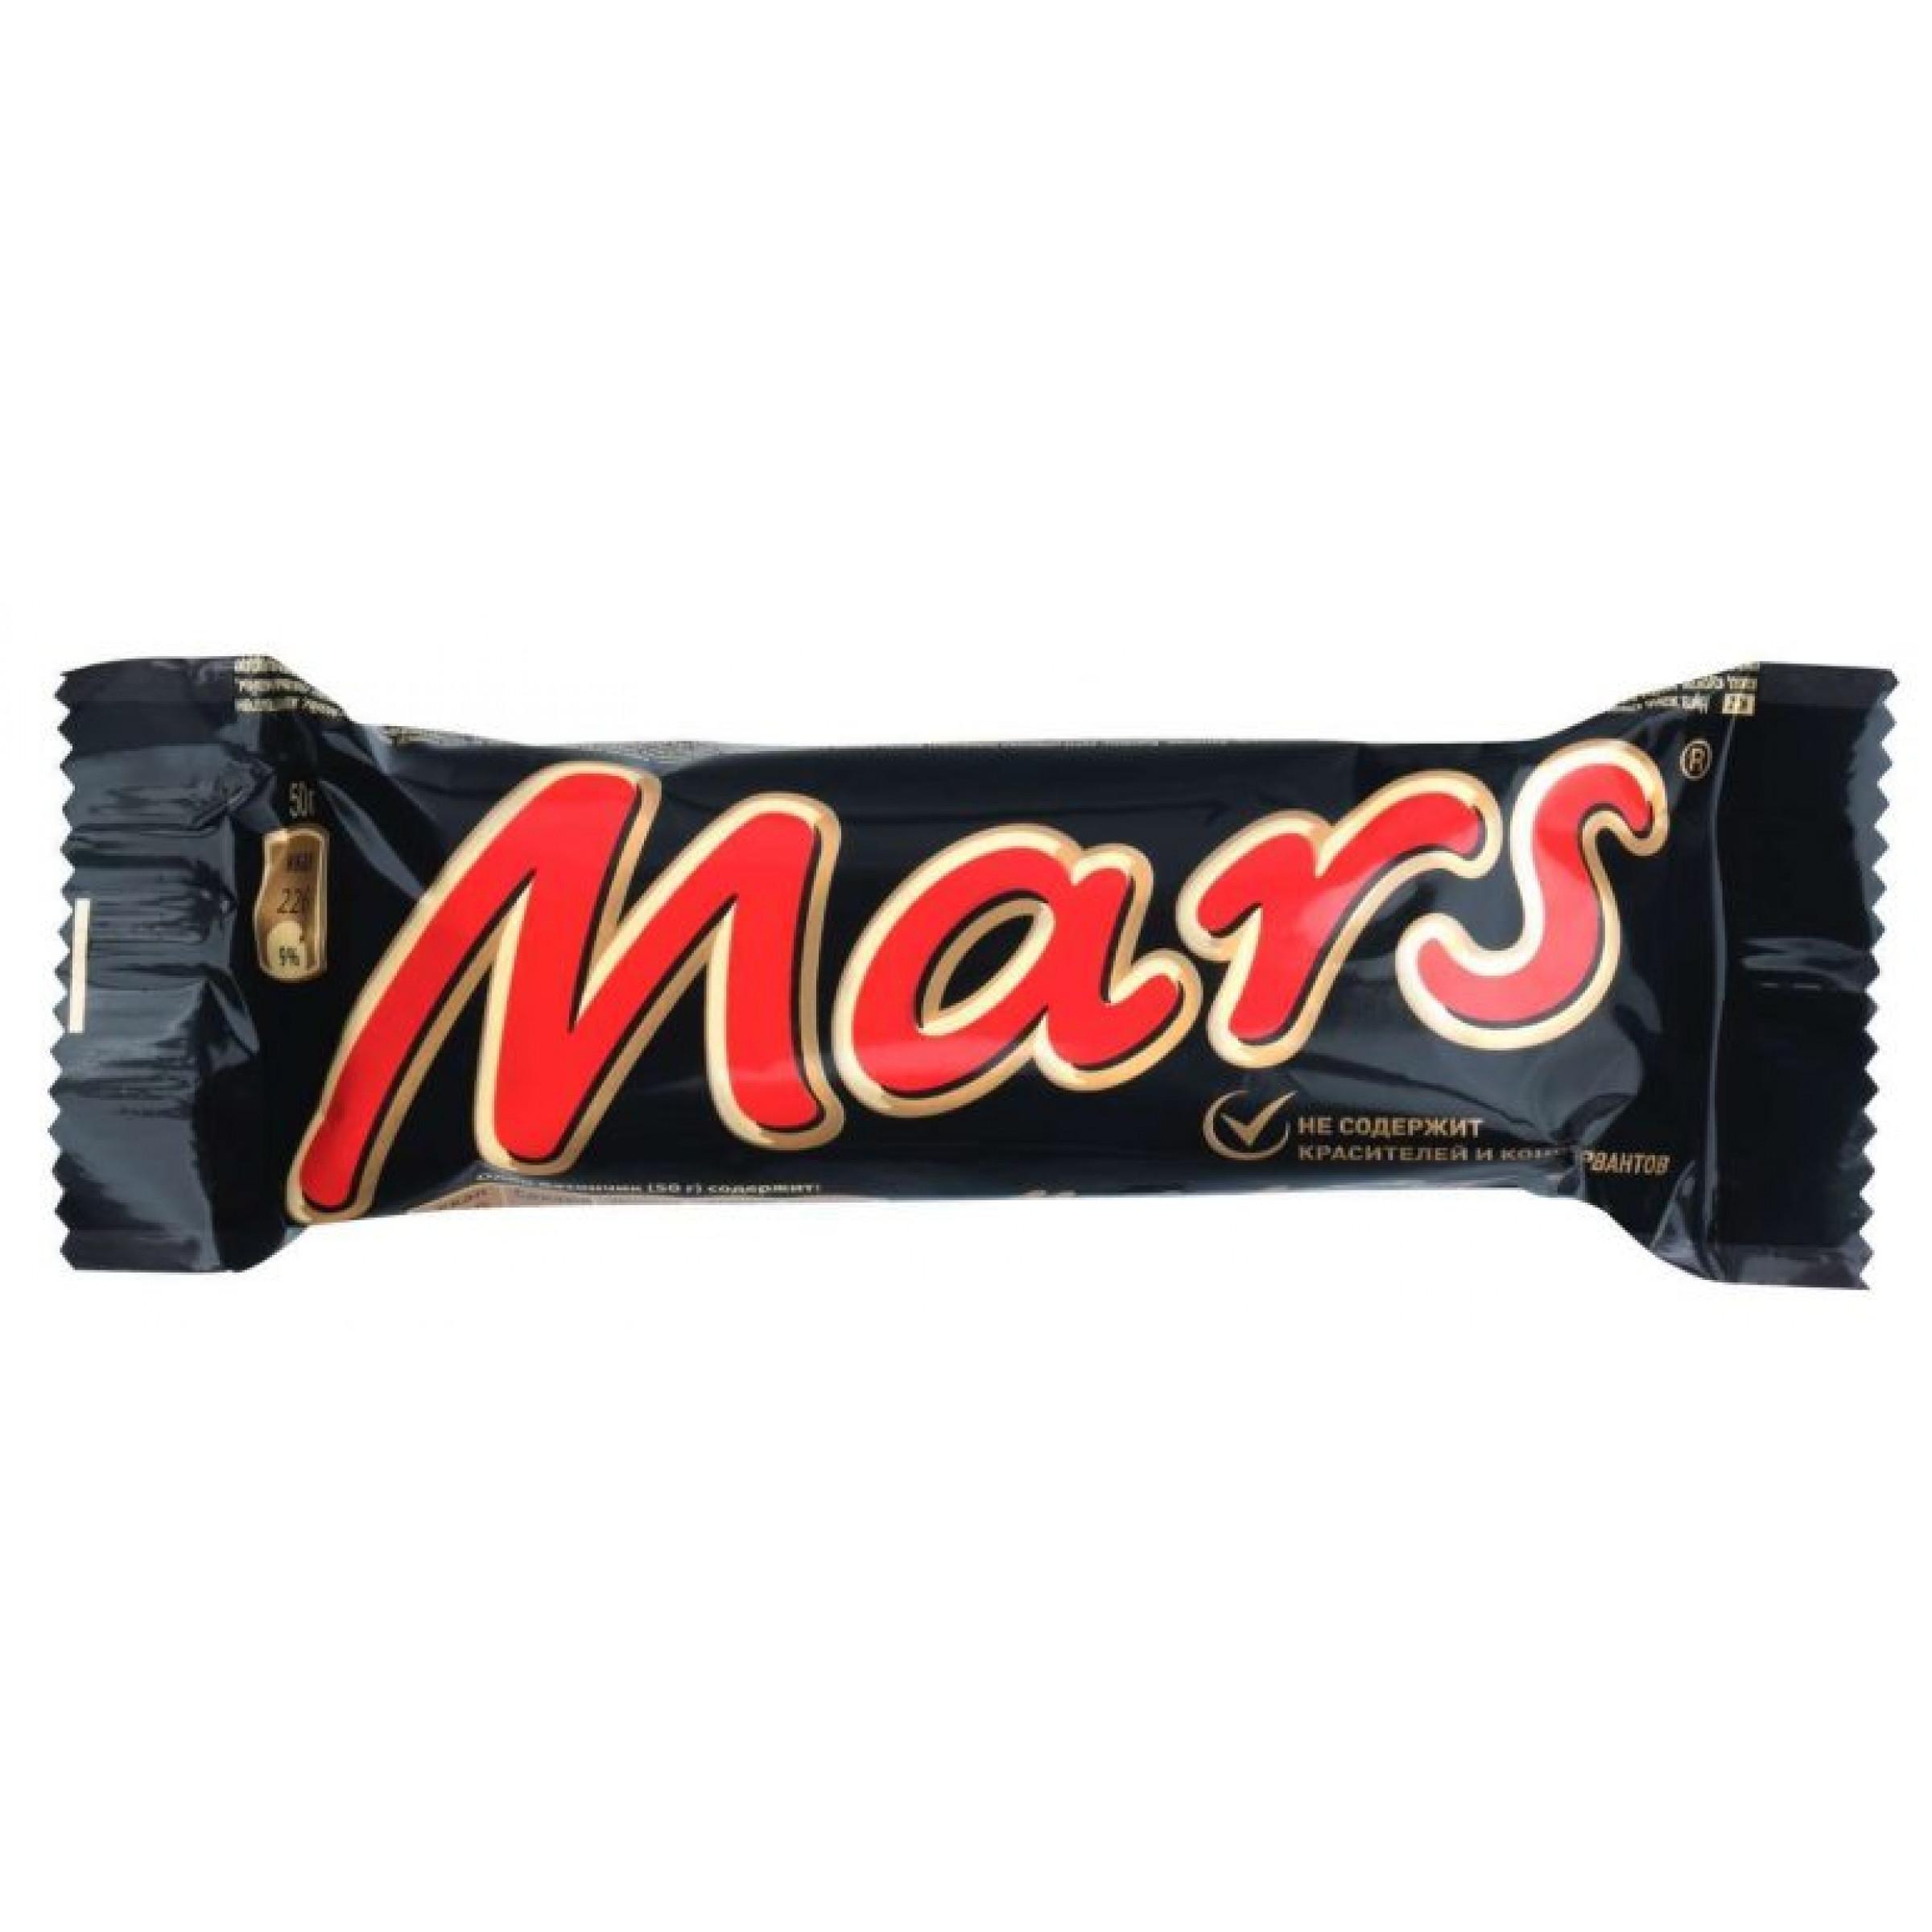 Шоколадный батончик Mars, 50 гр